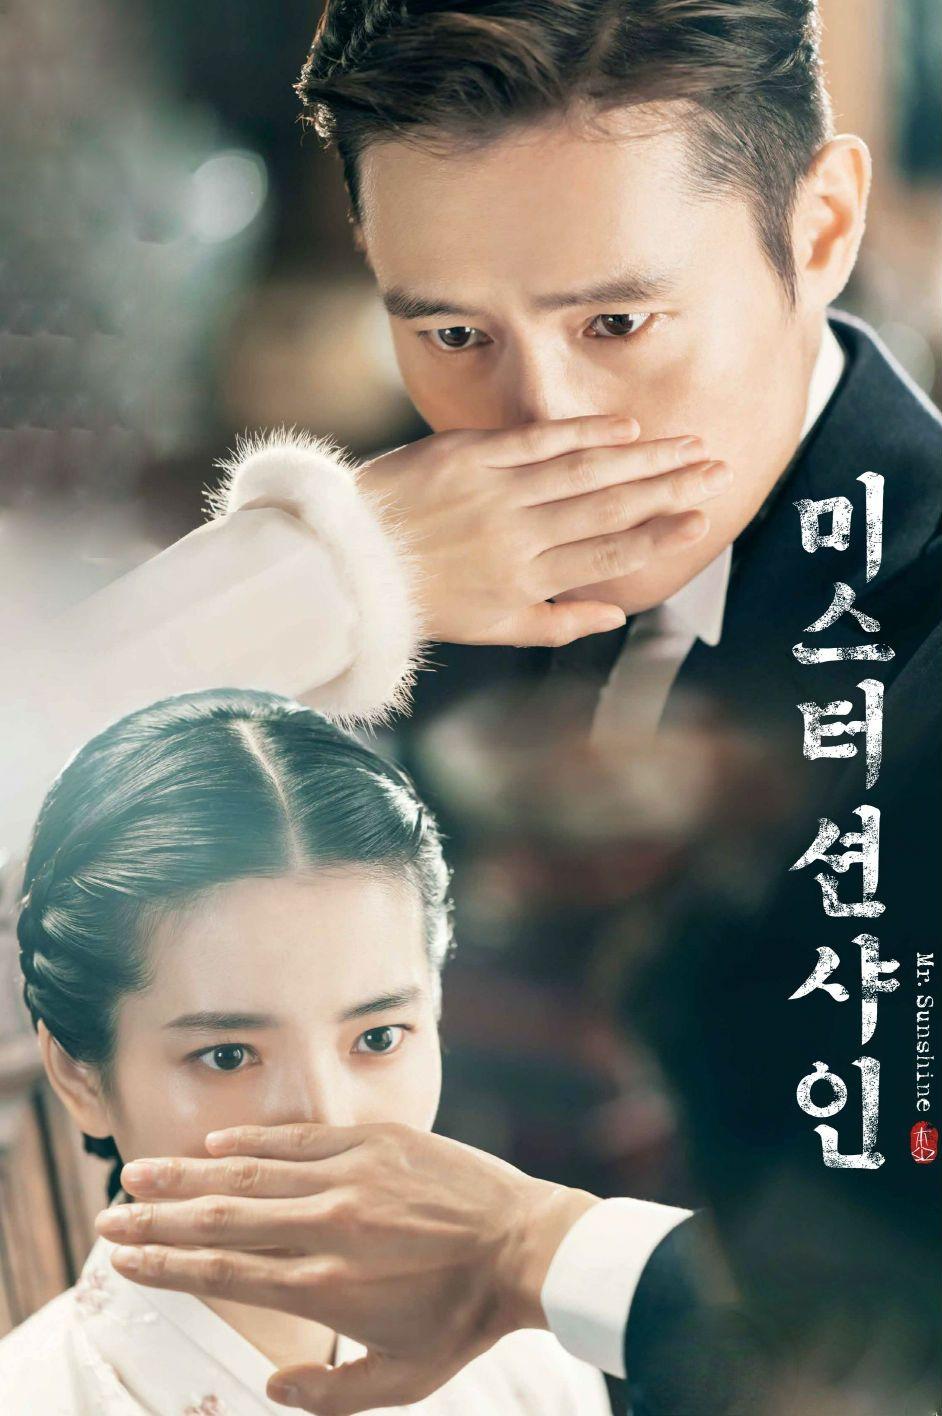 미스터 션샤인 드라마 드라마, 영화 포스터, 포스터